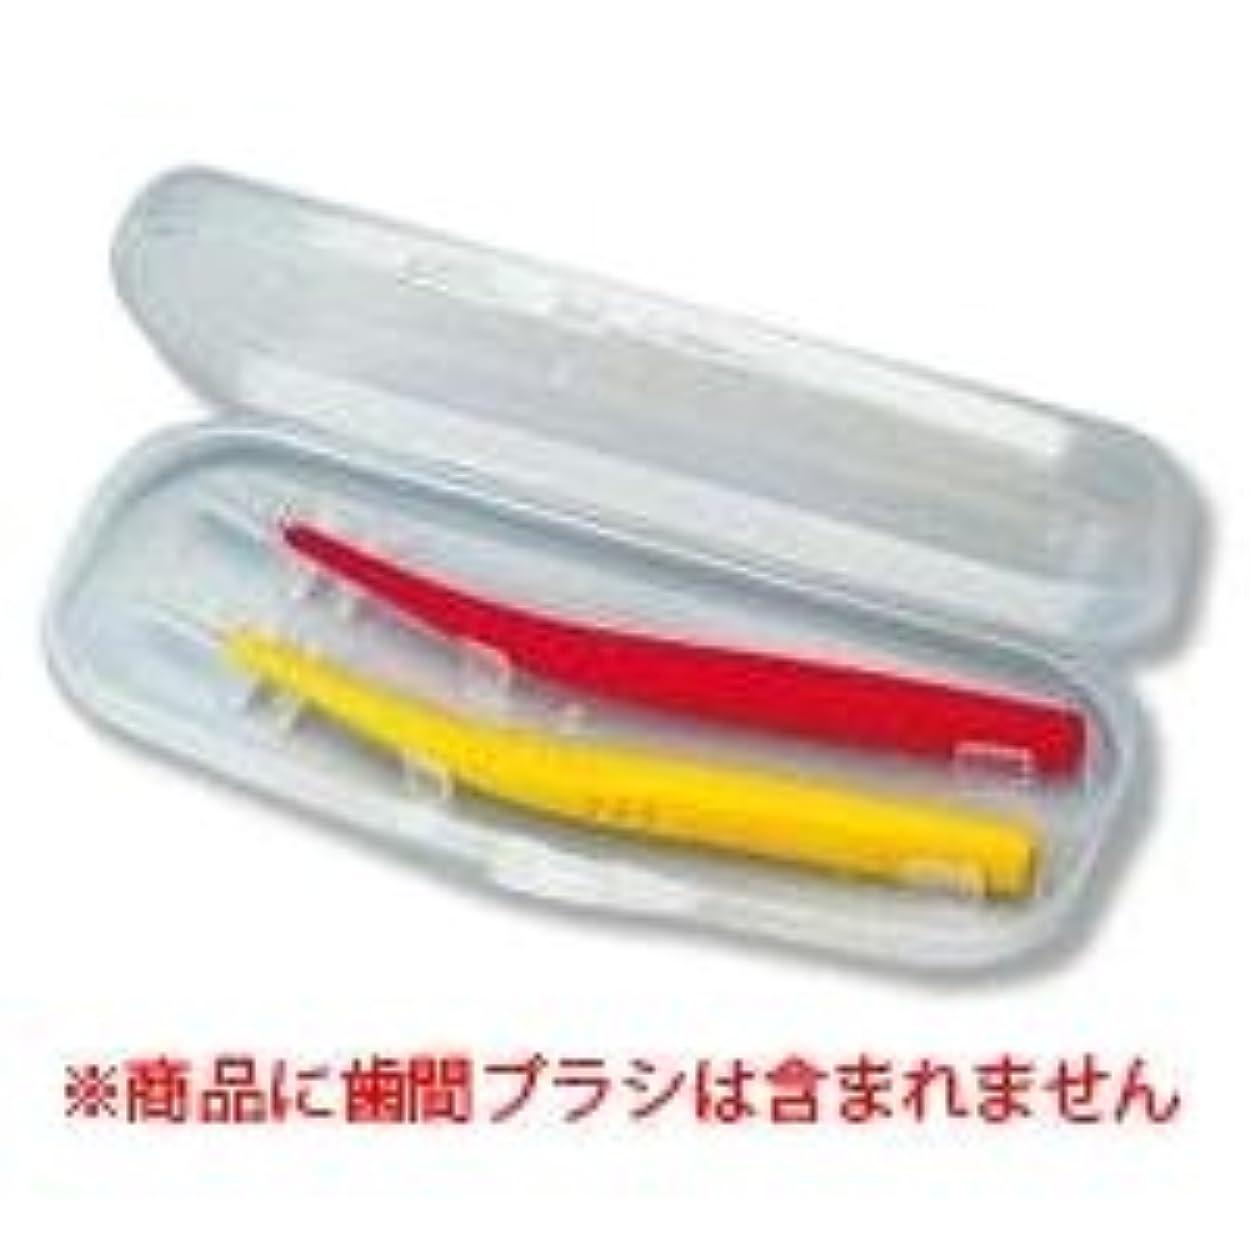 ビリーヤギ僕の未接続【ジーシー(GC)】【歯科用】プロスペック歯間ブラシ カーブ ケース 1個【歯間ブラシケース】